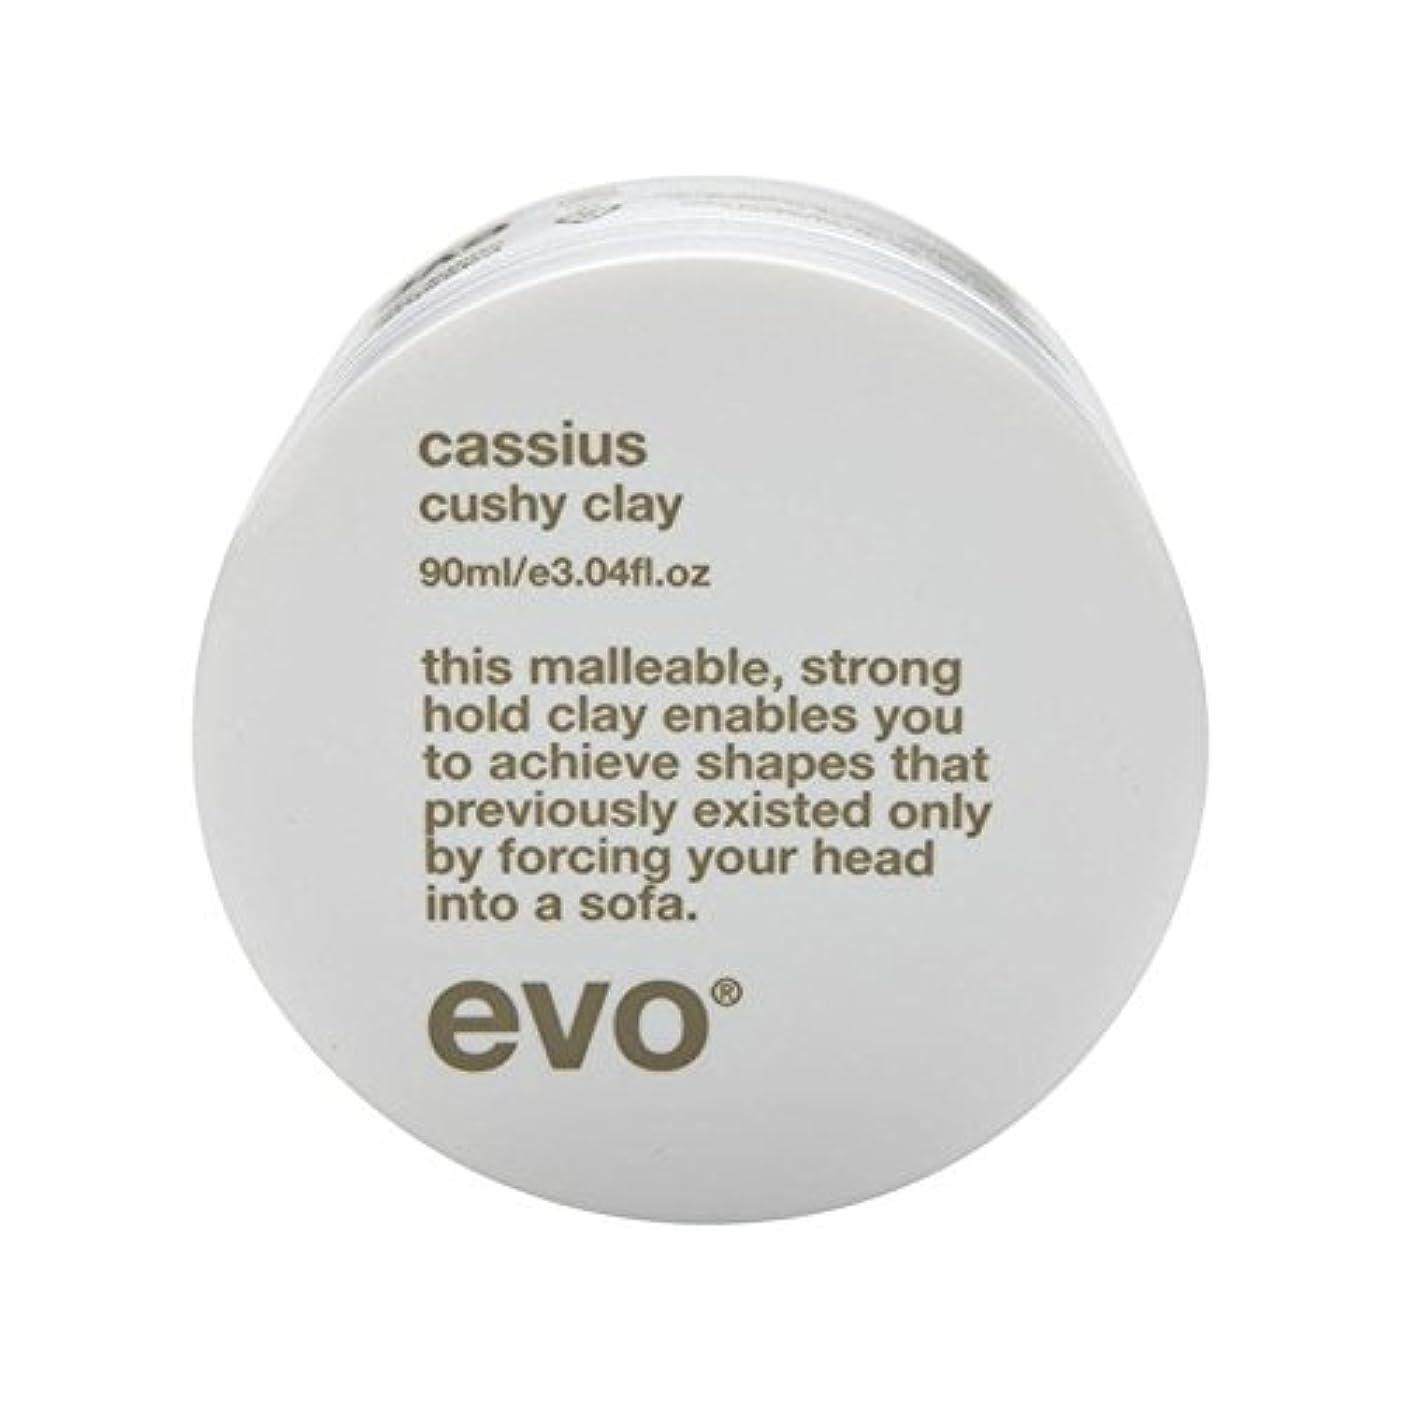 犬ゴシップ増加するエボカシウス楽な粘土90グラム x2 - Evo Cassius Cushy Clay 90G (Pack of 2) [並行輸入品]